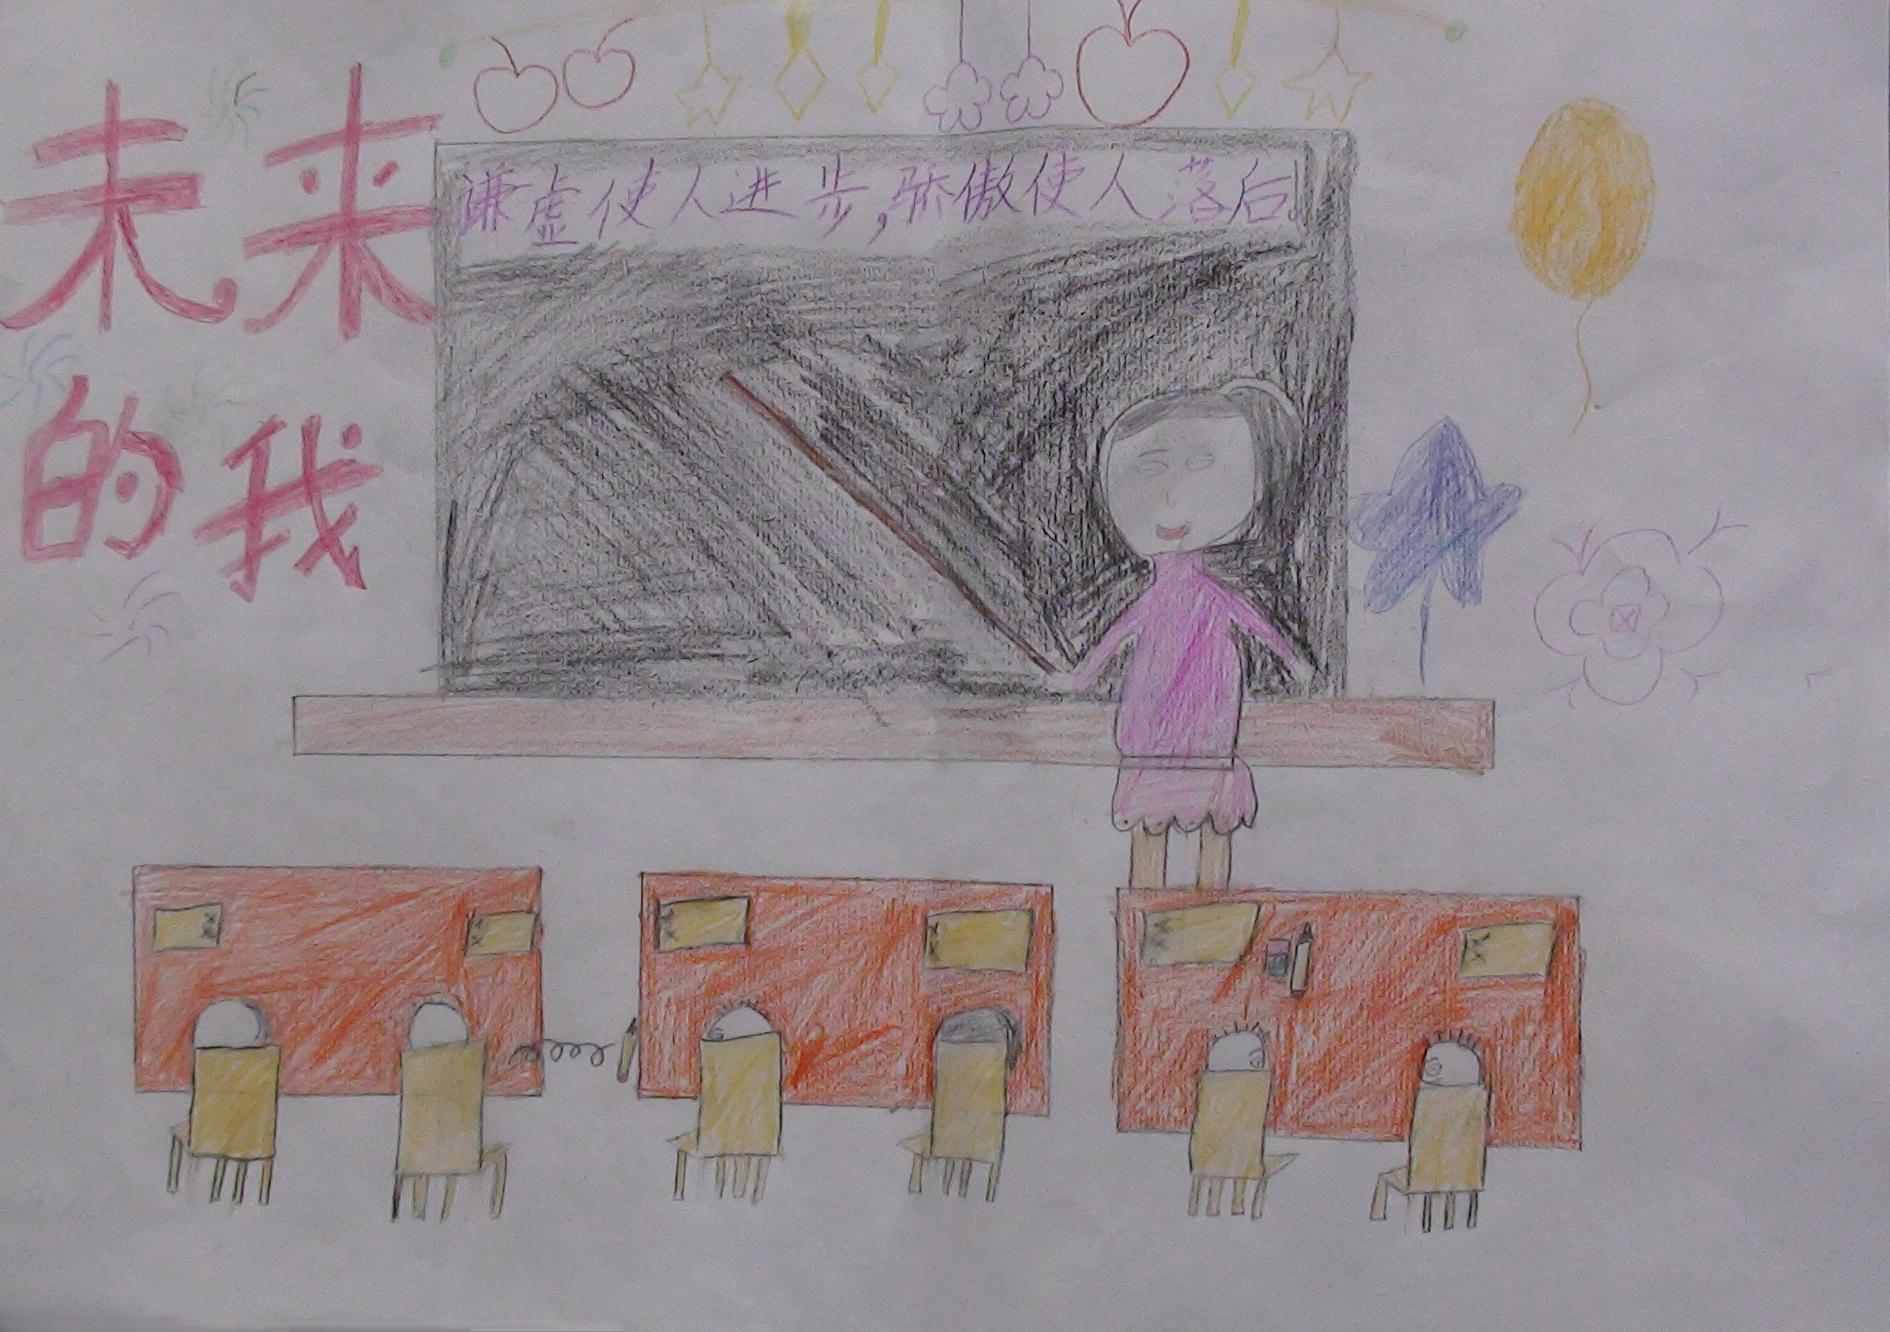 漫游中国未来 梦想秀 我的未来,我的梦 绘画